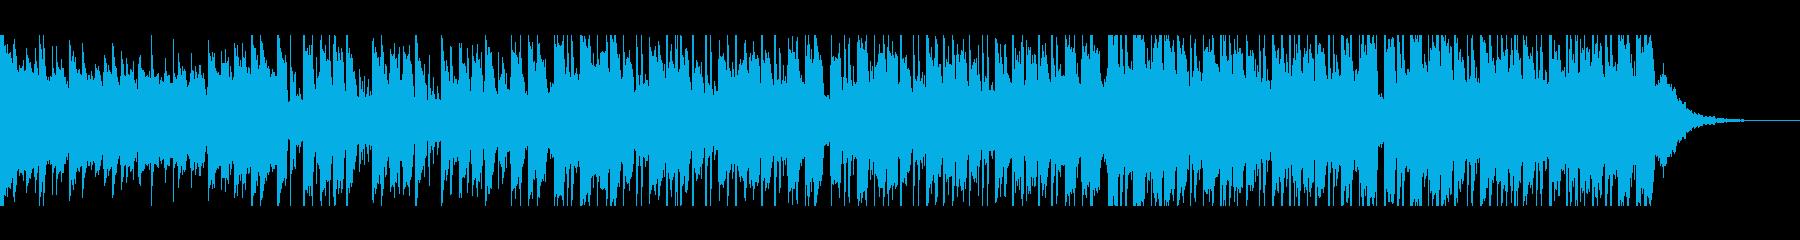 幸せなラマダン(60秒)の再生済みの波形